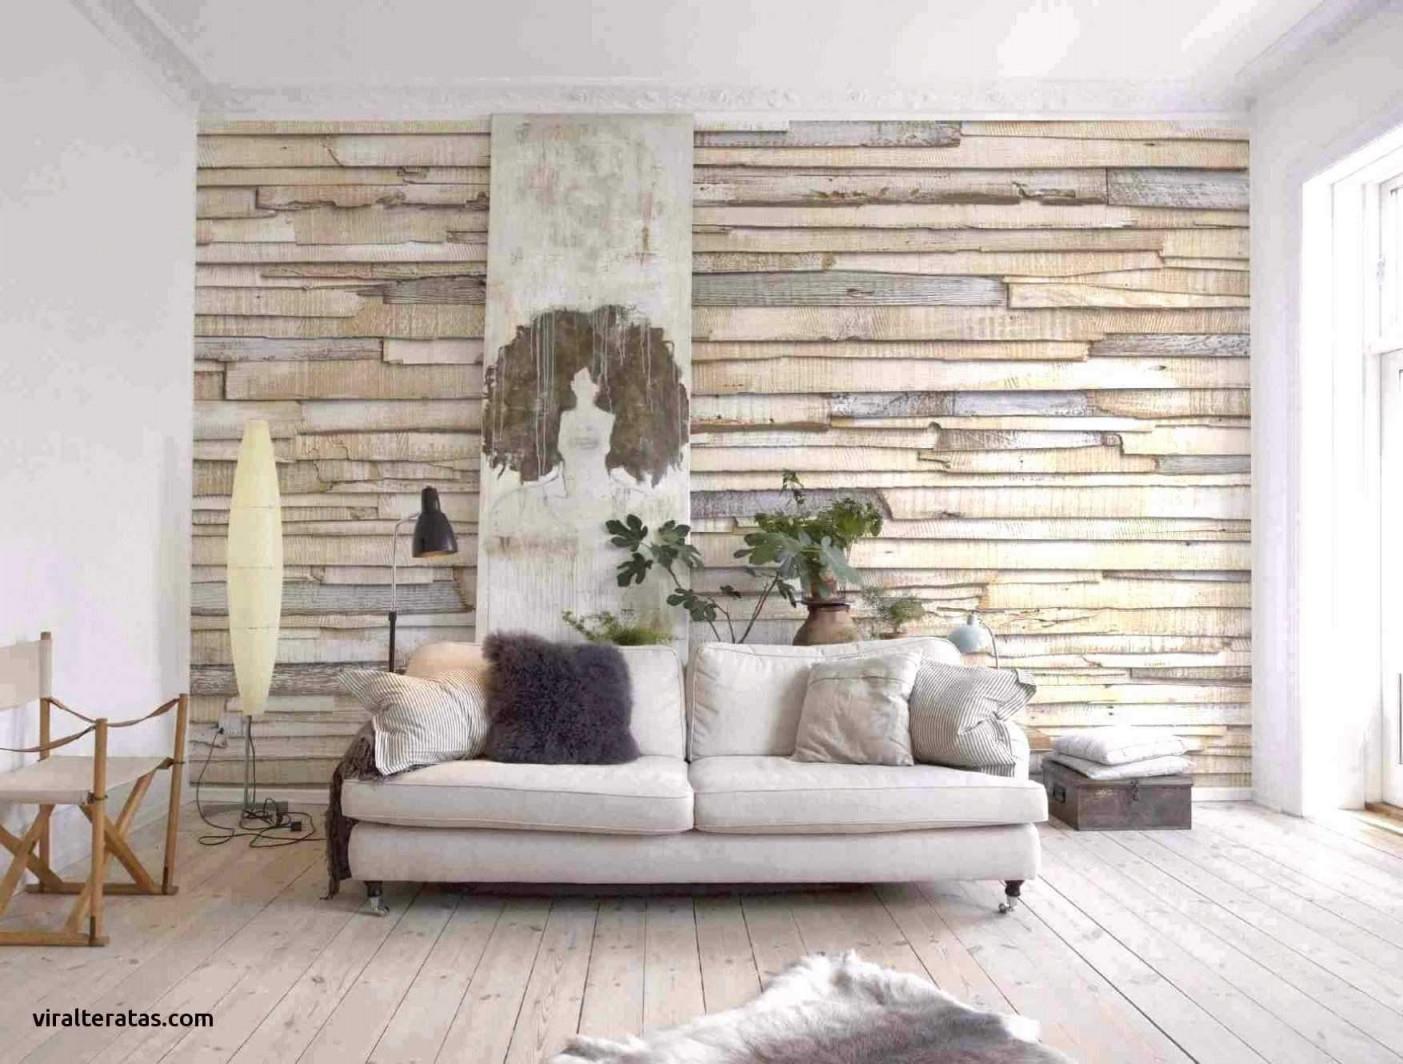 36 Luxus Wohnzimmer Tapeten 2015 Luxus  Wohnzimmer Frisch von Luxus Tapeten Wohnzimmer Photo